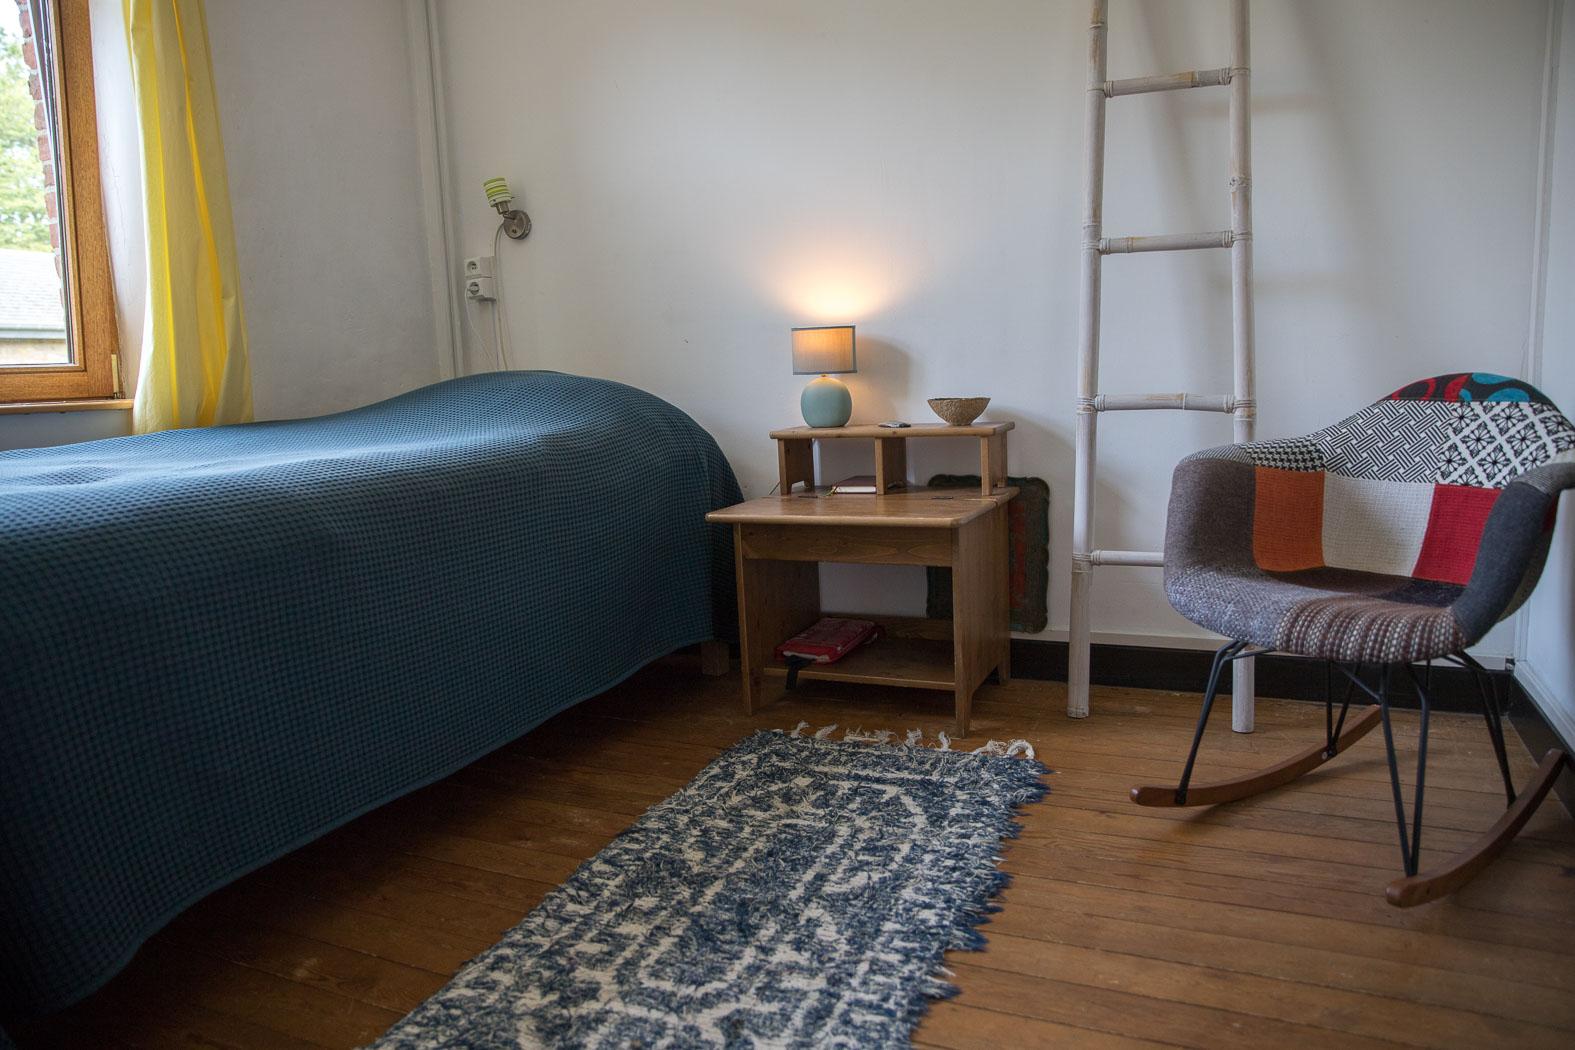 10-Private Room